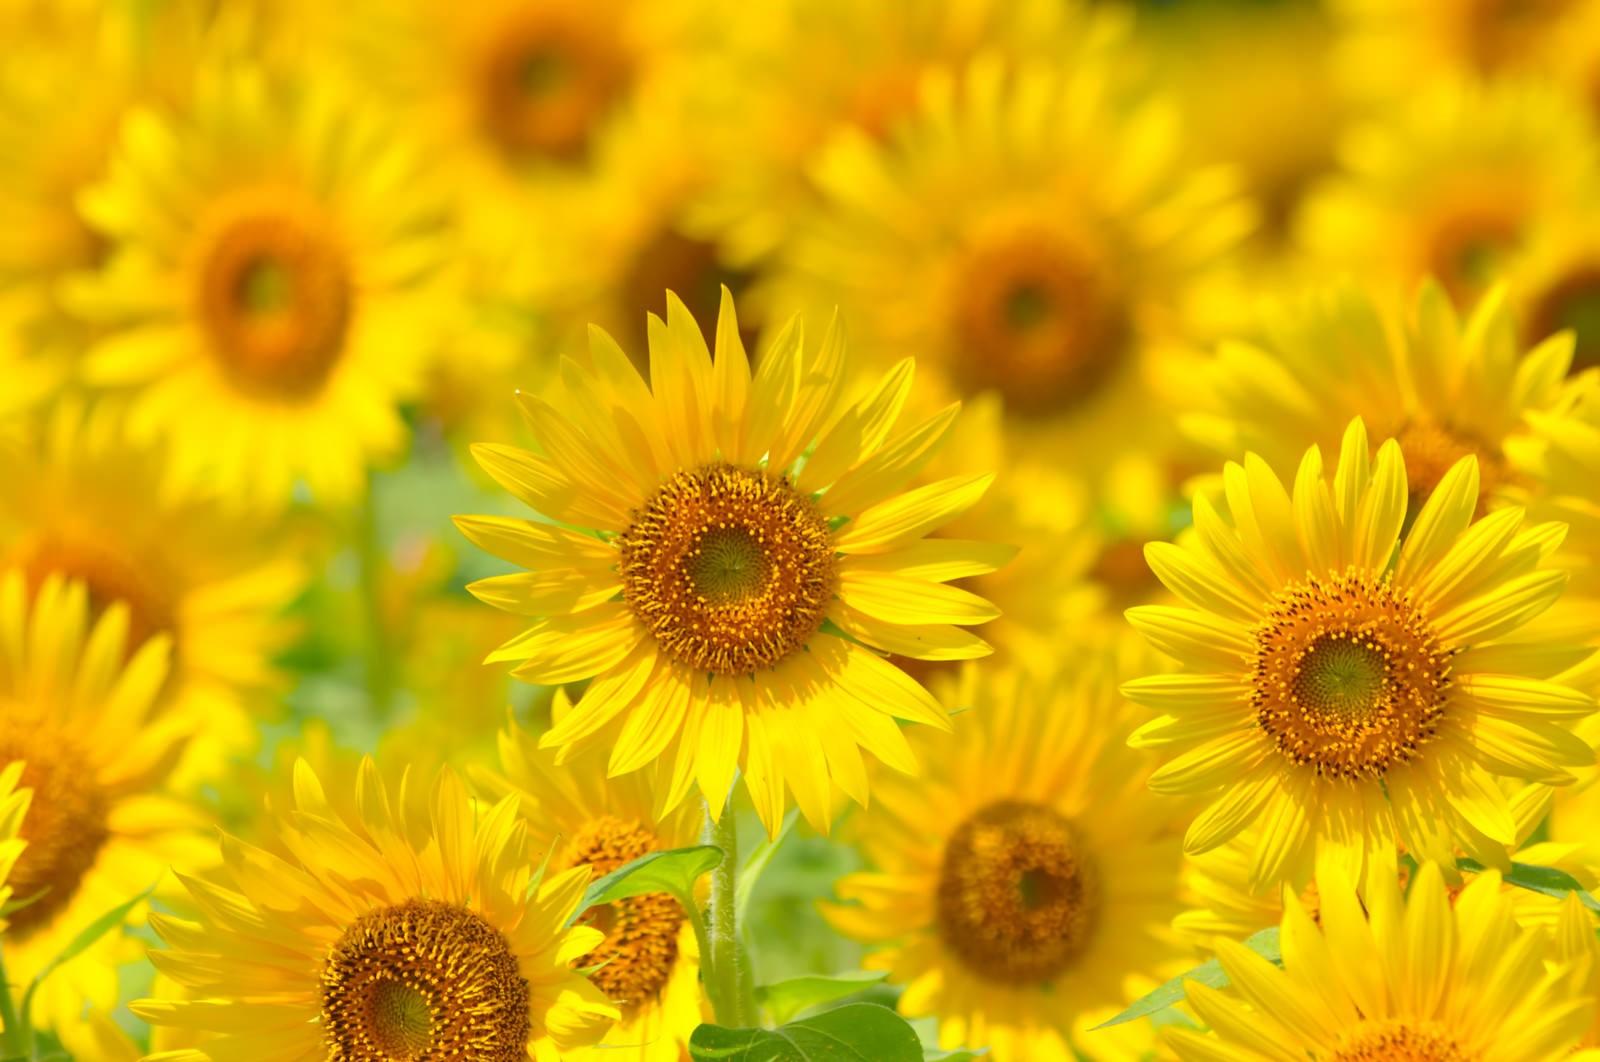 「太陽に向かって咲く(ヒマワリ)」の写真